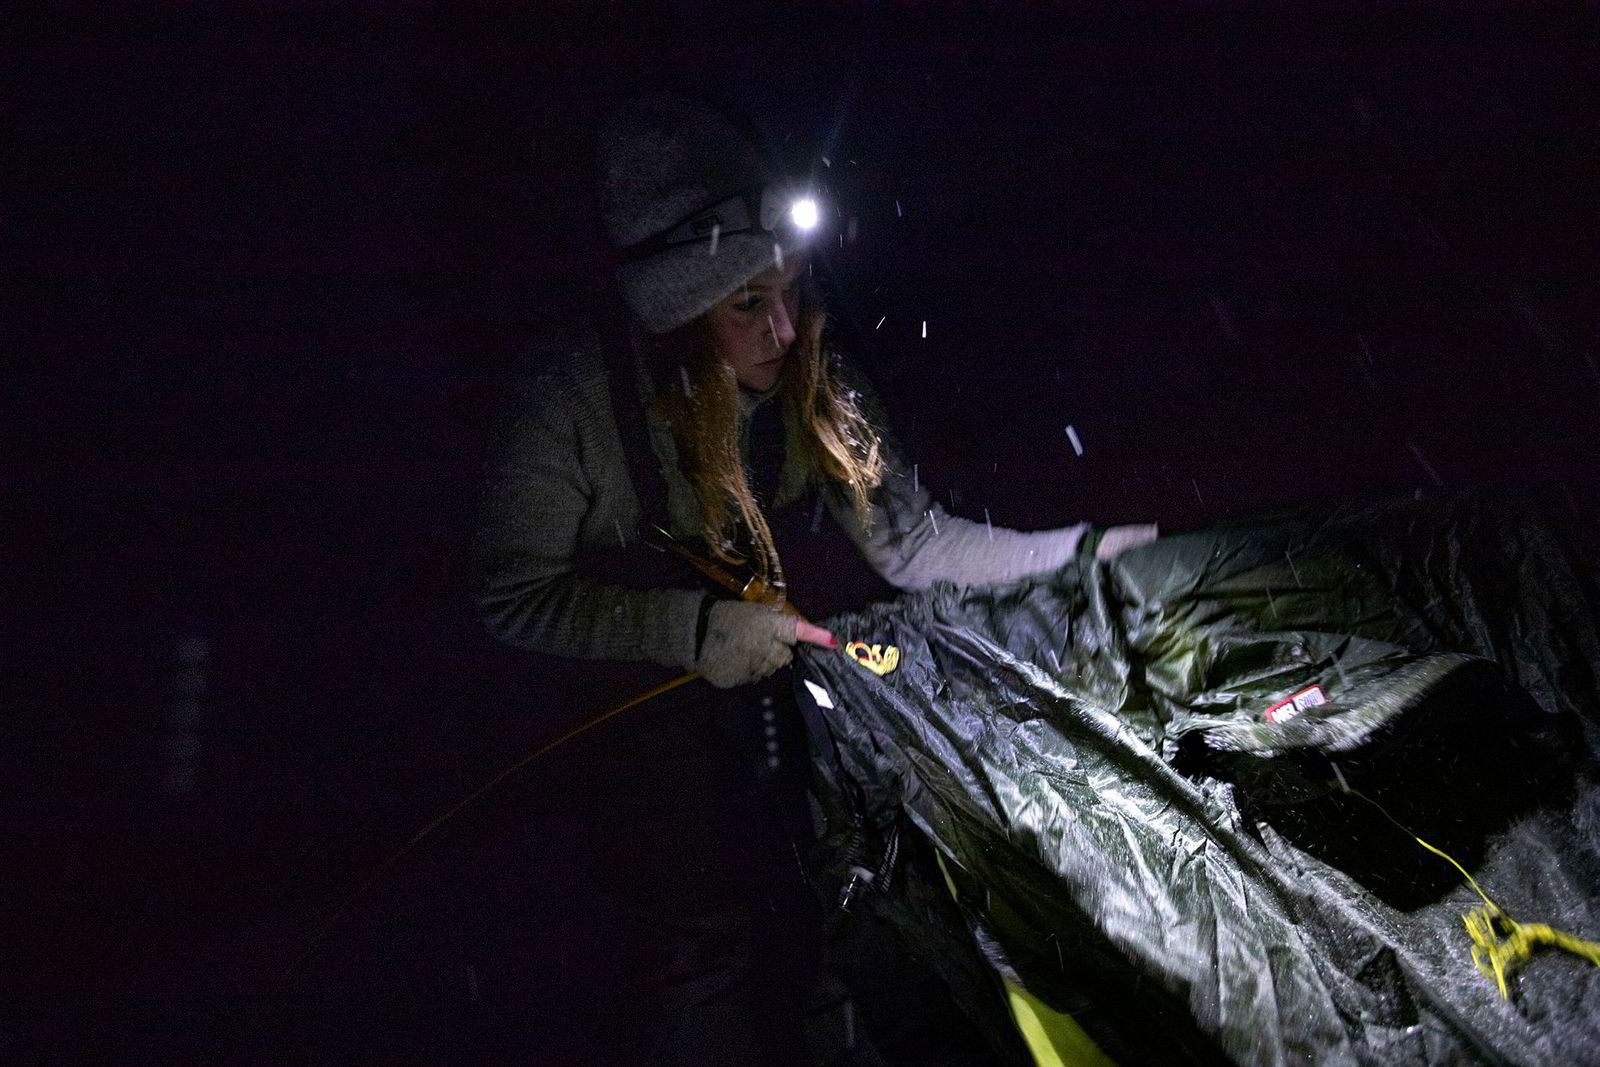 Bodil Gilje har ankommet sin teltplass, og setter opp sin midlertidige bopel i nattemørket.